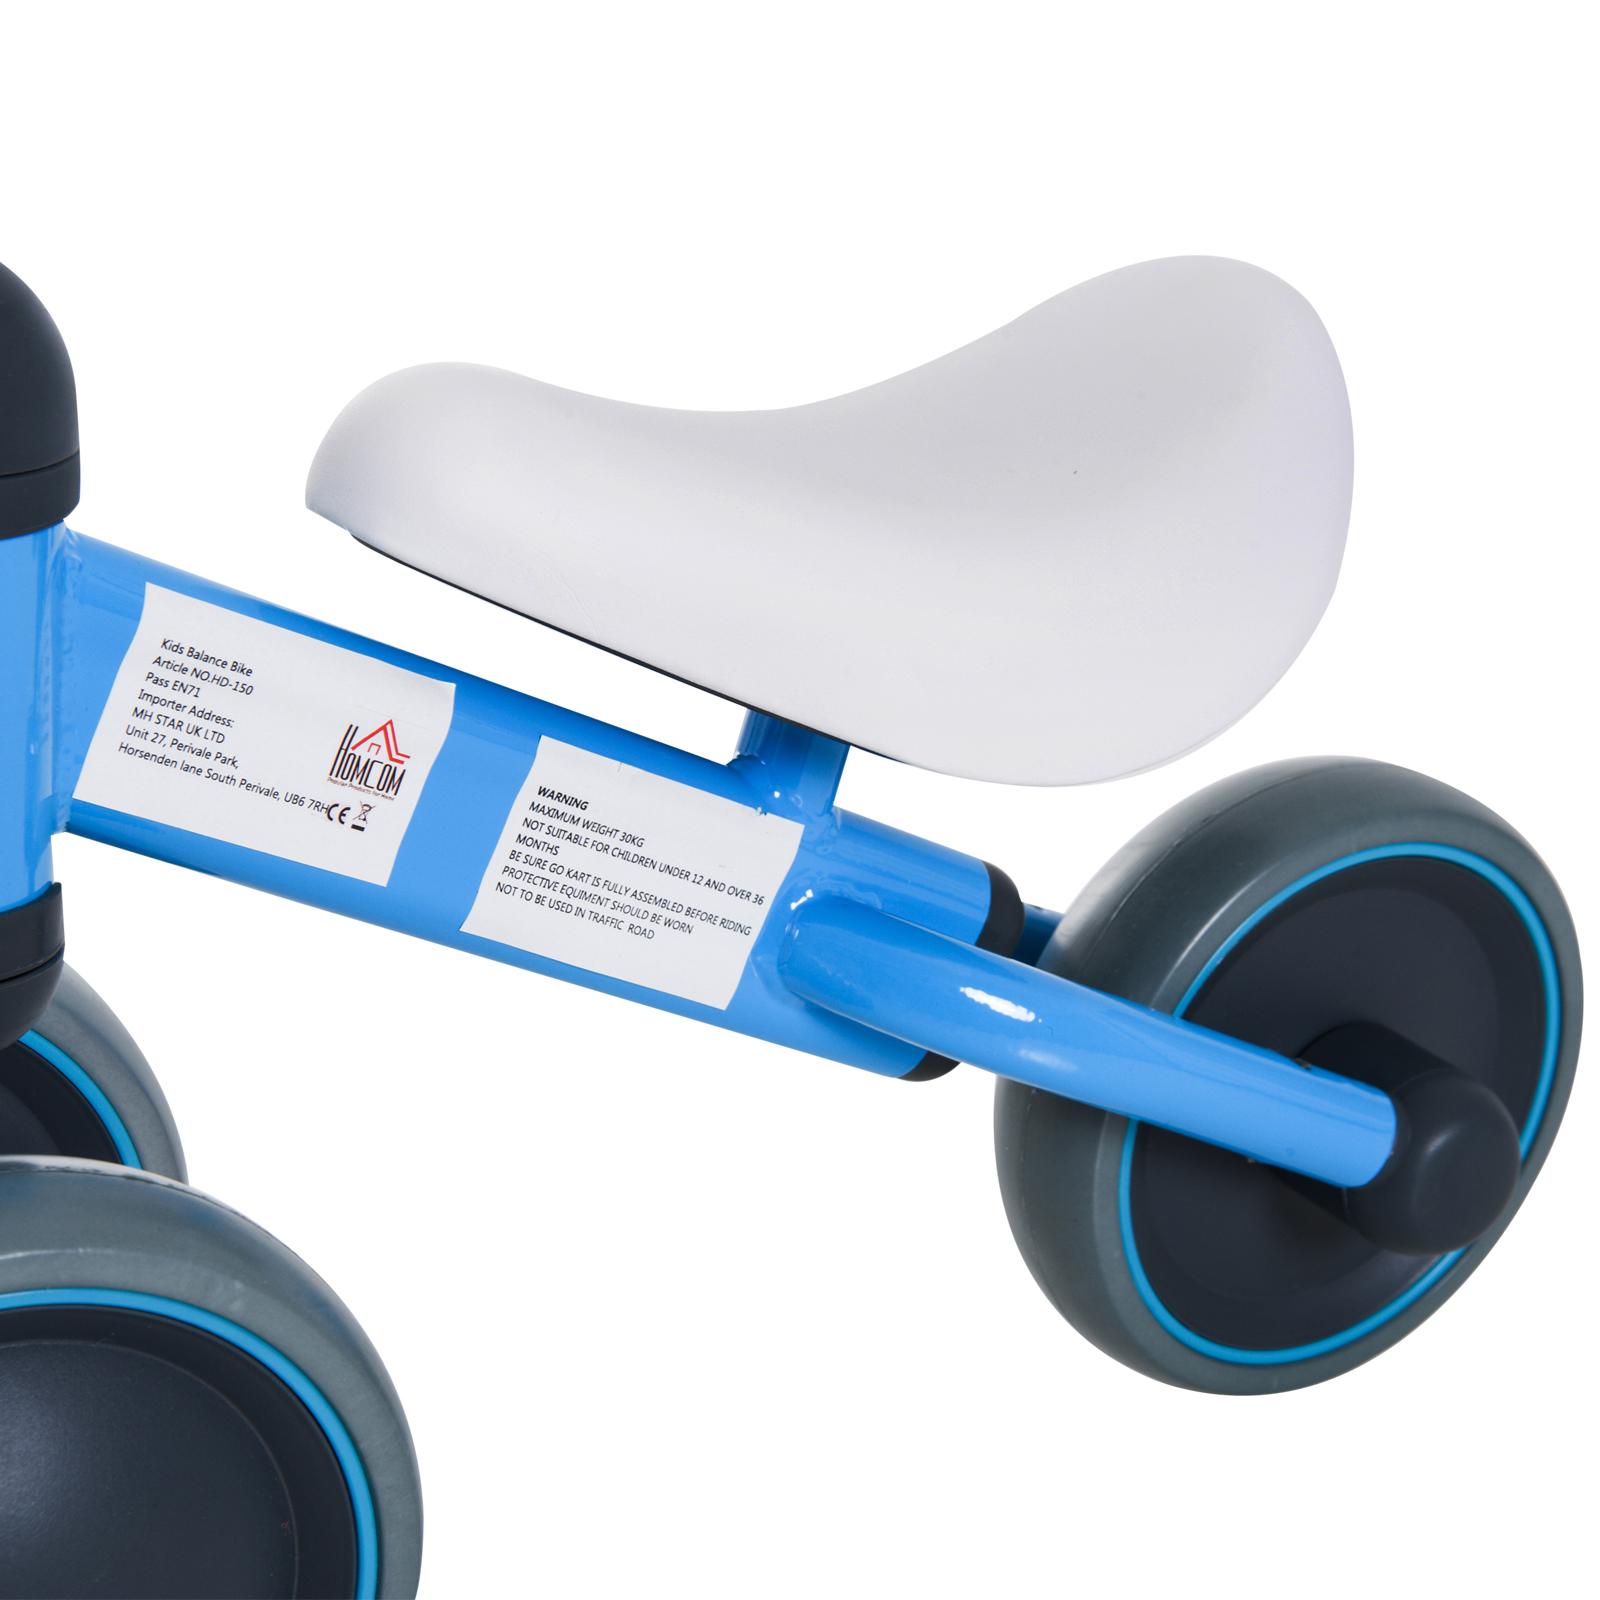 Triciclo-Bicicleta-sin-Pedales-para-Nino-1-3-Anos-Sillon-Comodo-Aluminio miniatura 24